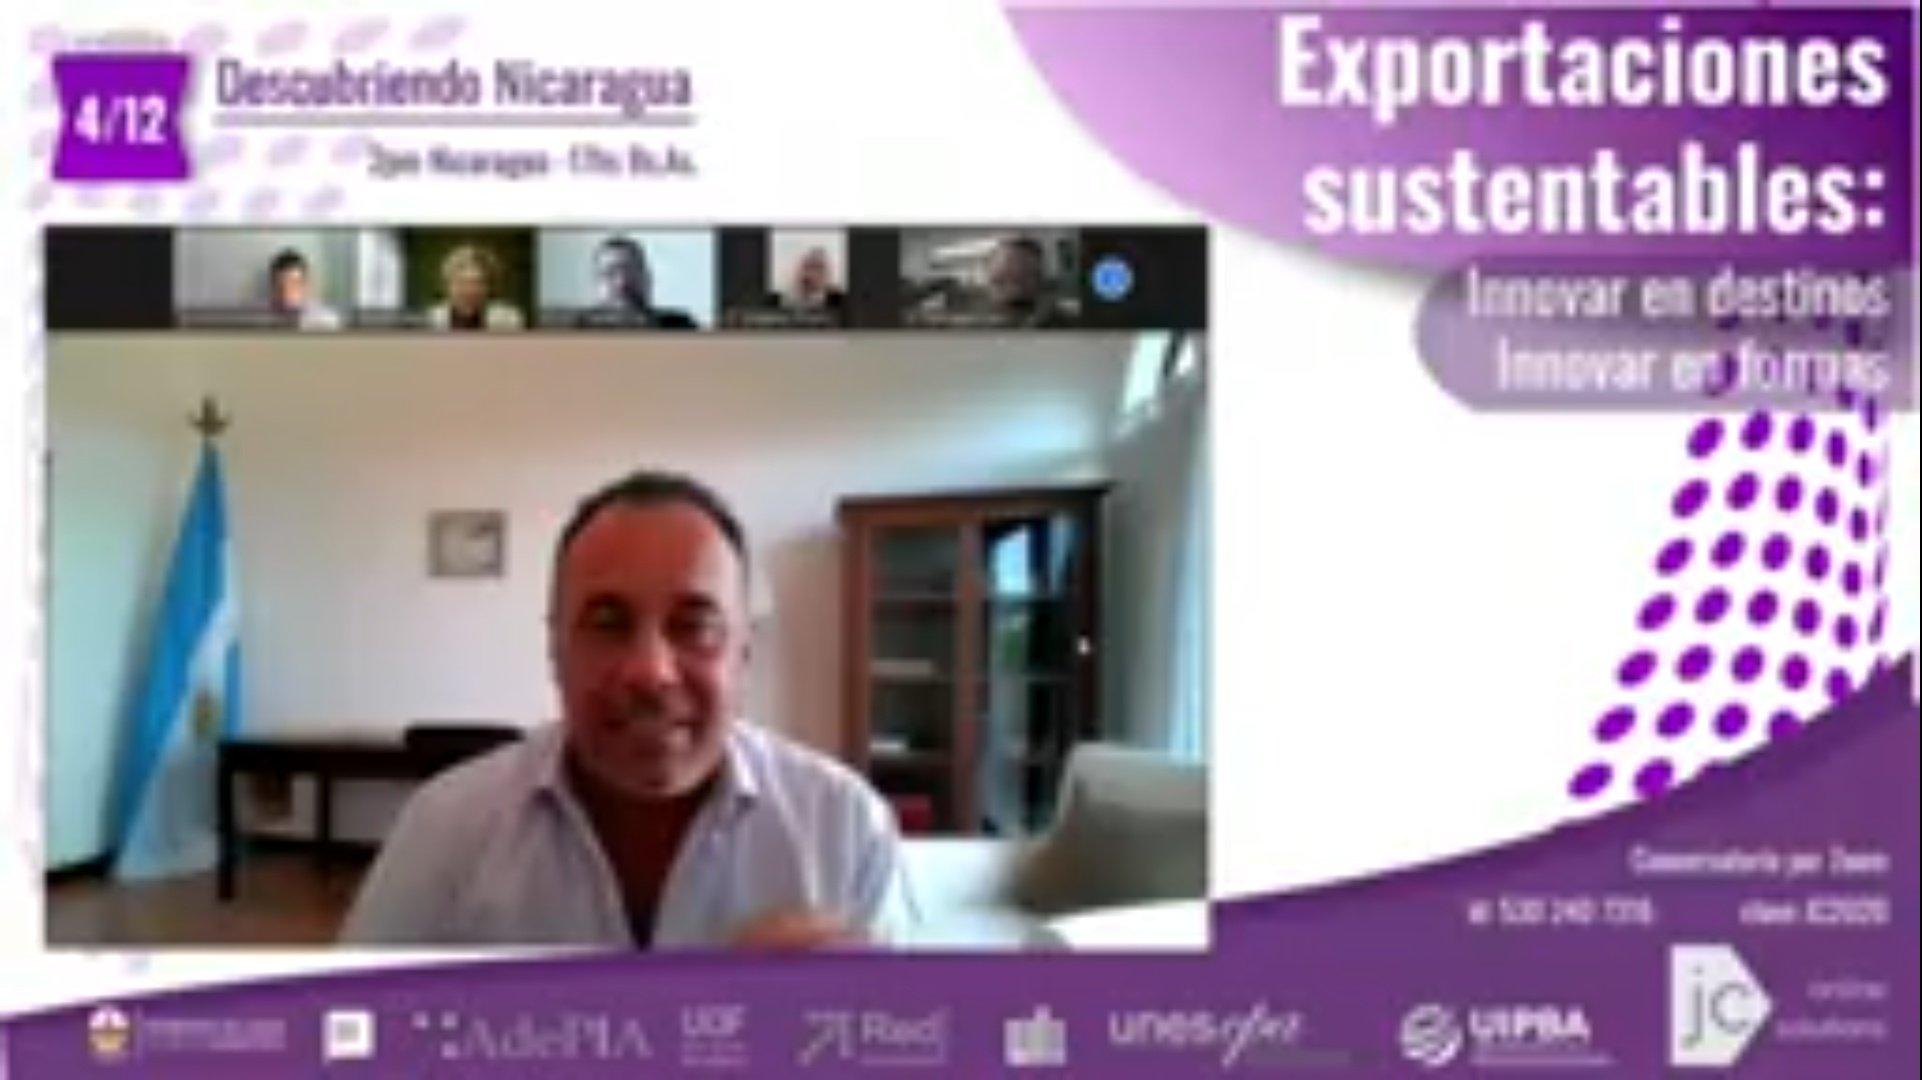 Exportaciones sustentables